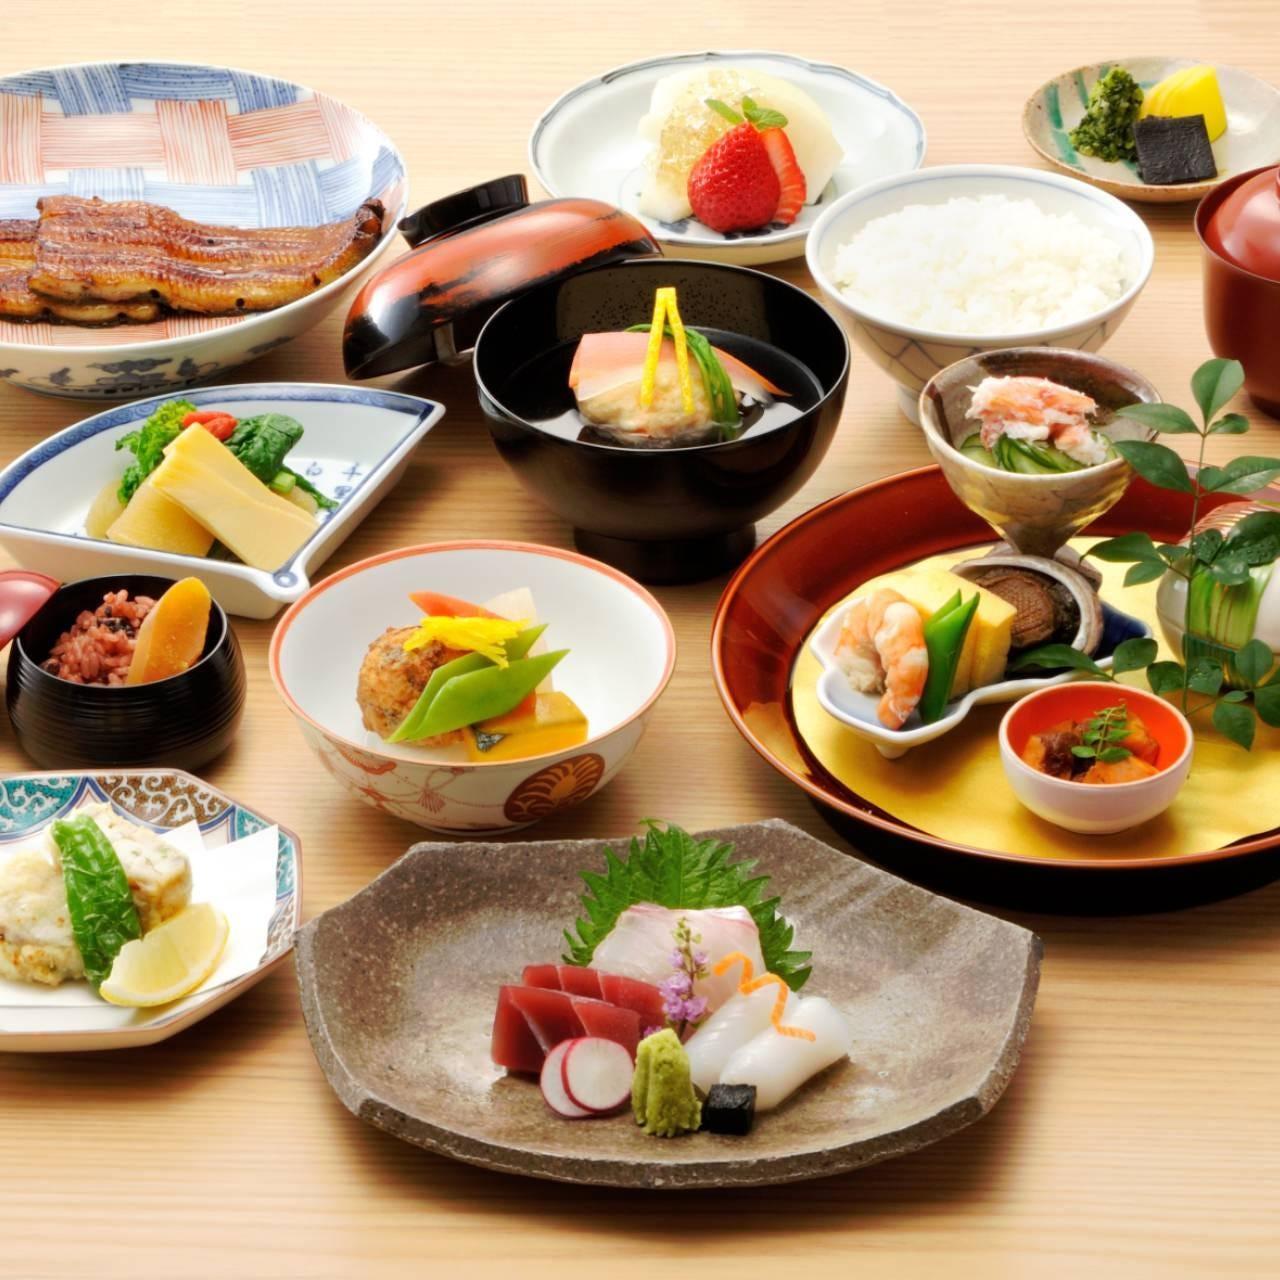 季節の食材にこだわる逸品を味わう会席は接待やお祝いにも